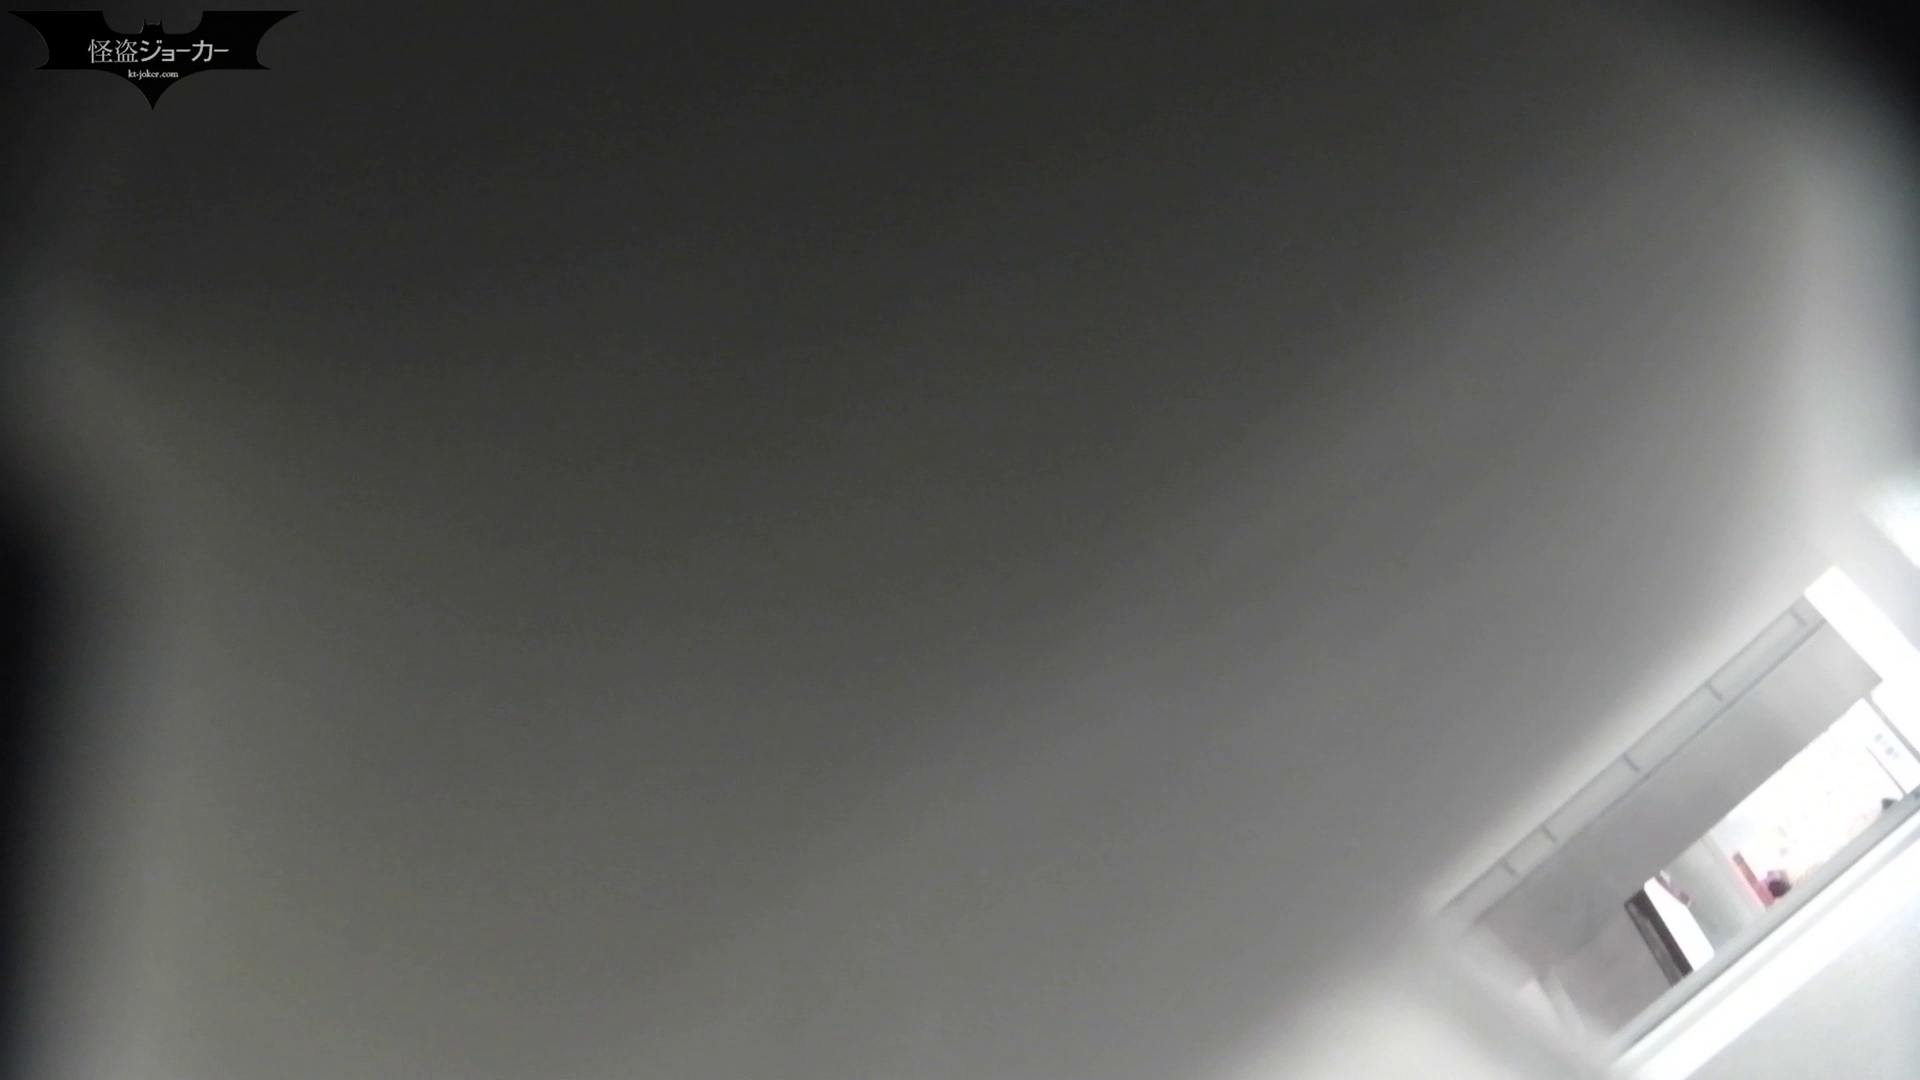 洗面所特攻隊 vol.047 モリモリ、ふきふきにスーパーズーム! 盛合せ  113画像 10